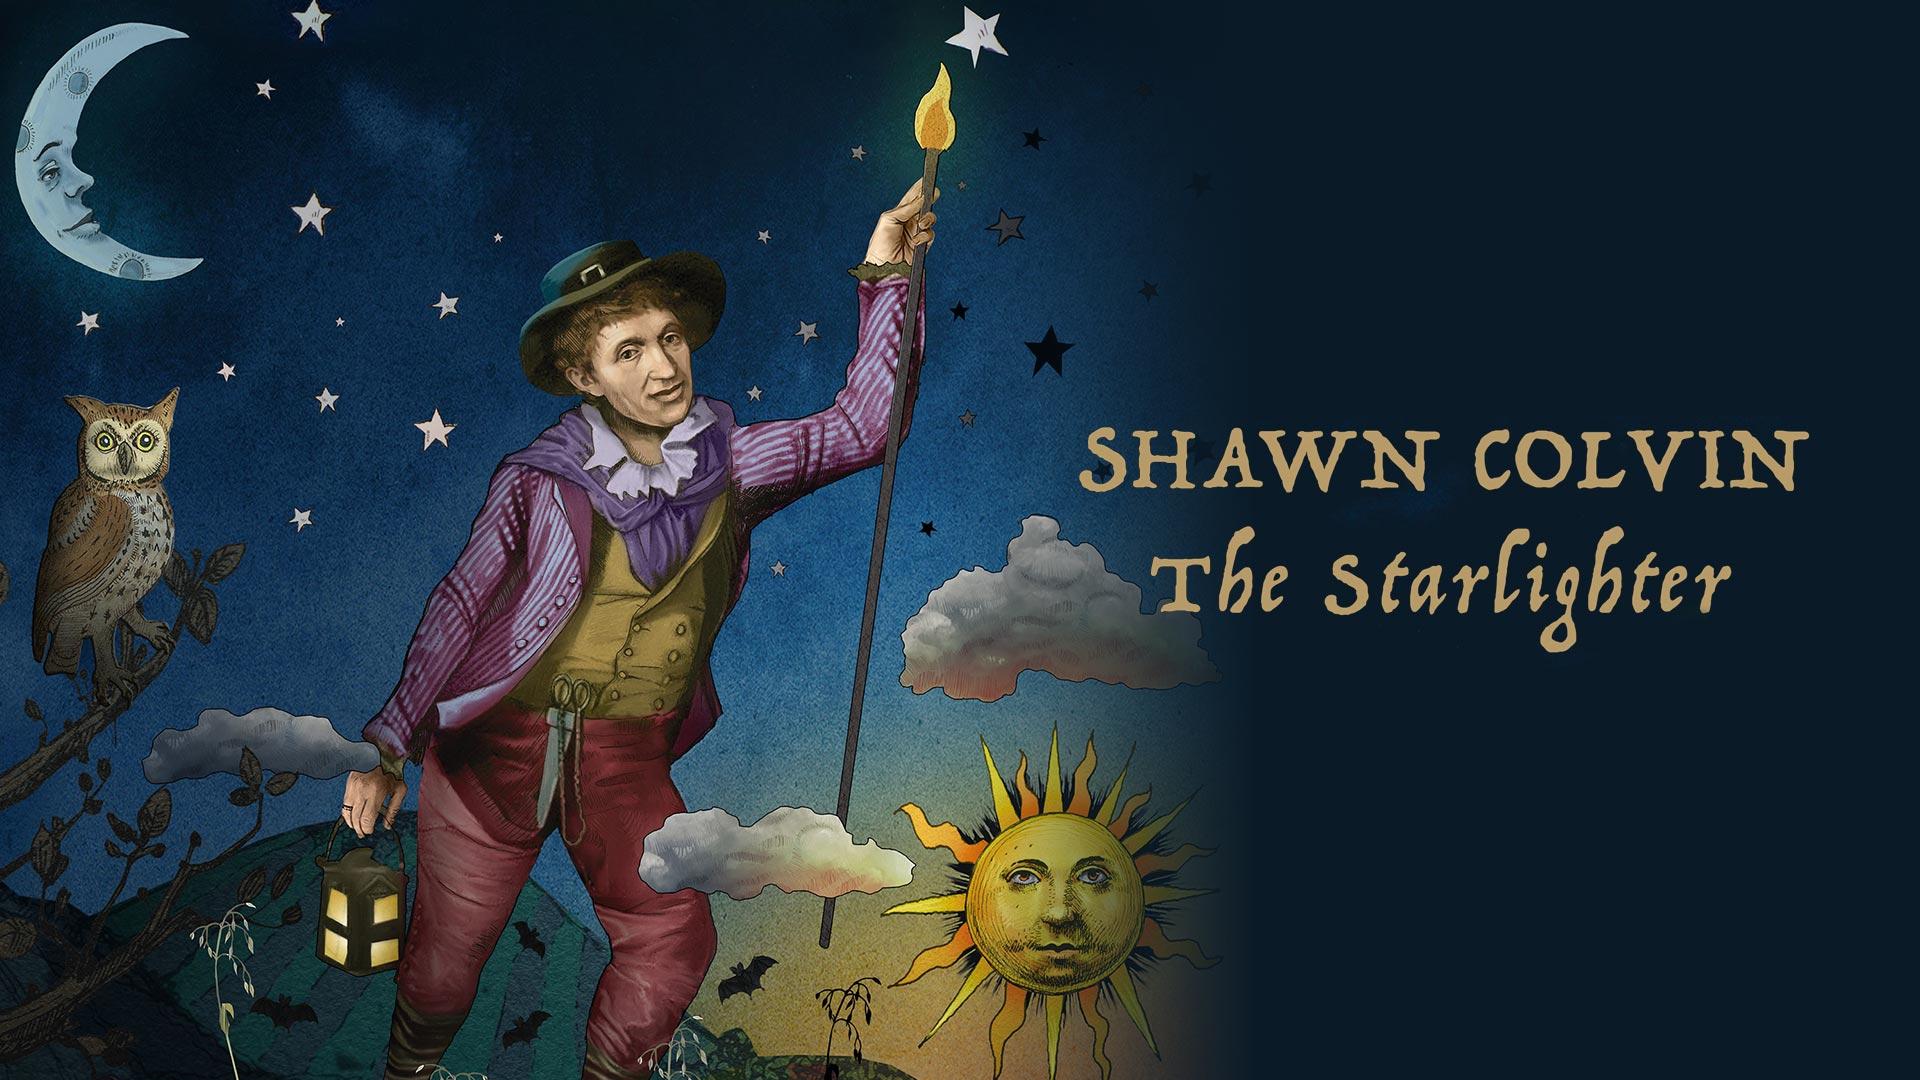 Amazon Originals Presents: Shawn Colvin, The Starlighter